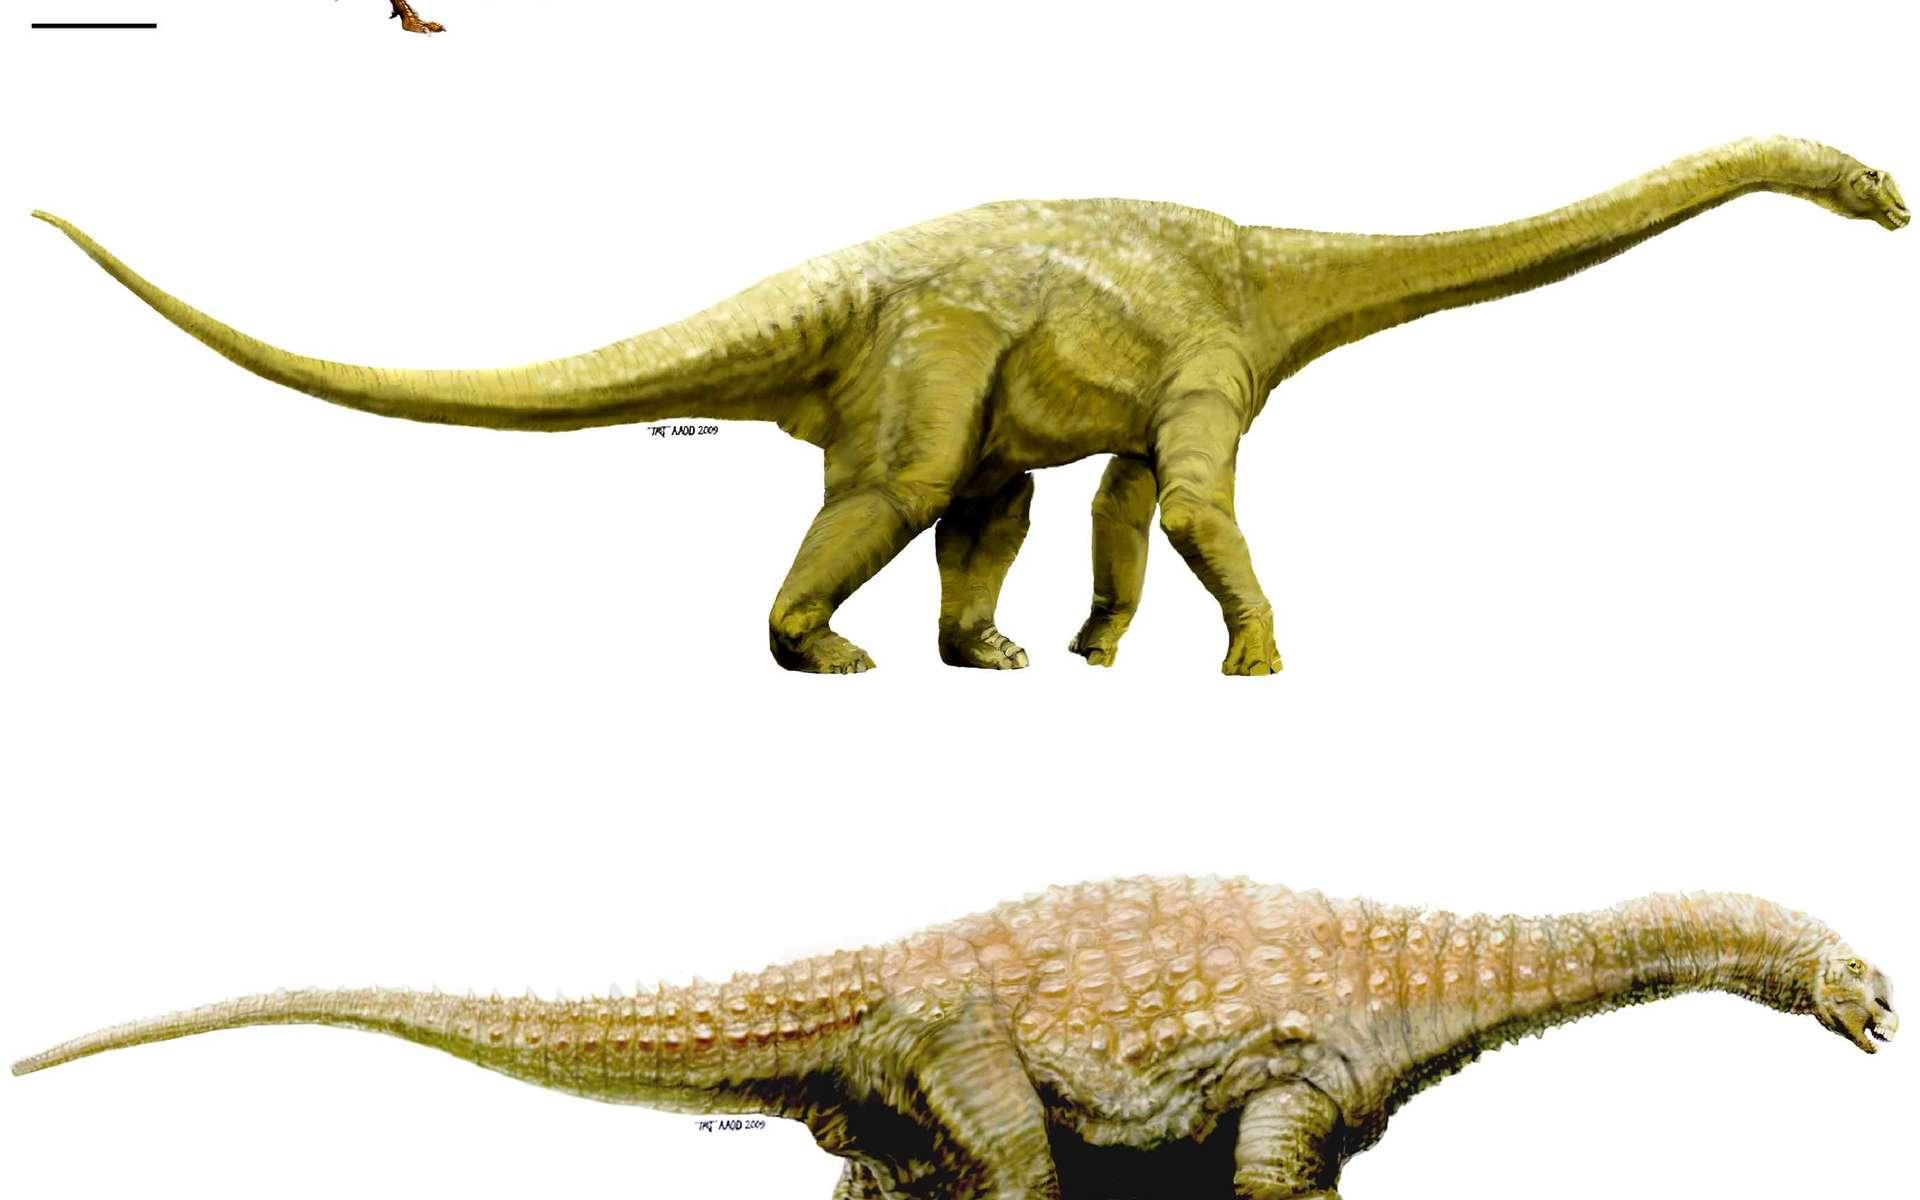 Une vision d'artiste des trois nouveaux dinosaures australiens. De bas en haut : Diamantinasaurus (Matilda, plutôt costaude), Wintonotitan (Clancy, plutôt gracile) et Australovenator (Banjo, rude prédateur). Les deux premiers annoncent les titanosaures (dont l'argentinosaure, avec ses 40 mètres de longueur) et le troisième les grands théropodes, comme T. rex. © T. Tischler, Australian Age of Dinosaurs Museum of Natural History